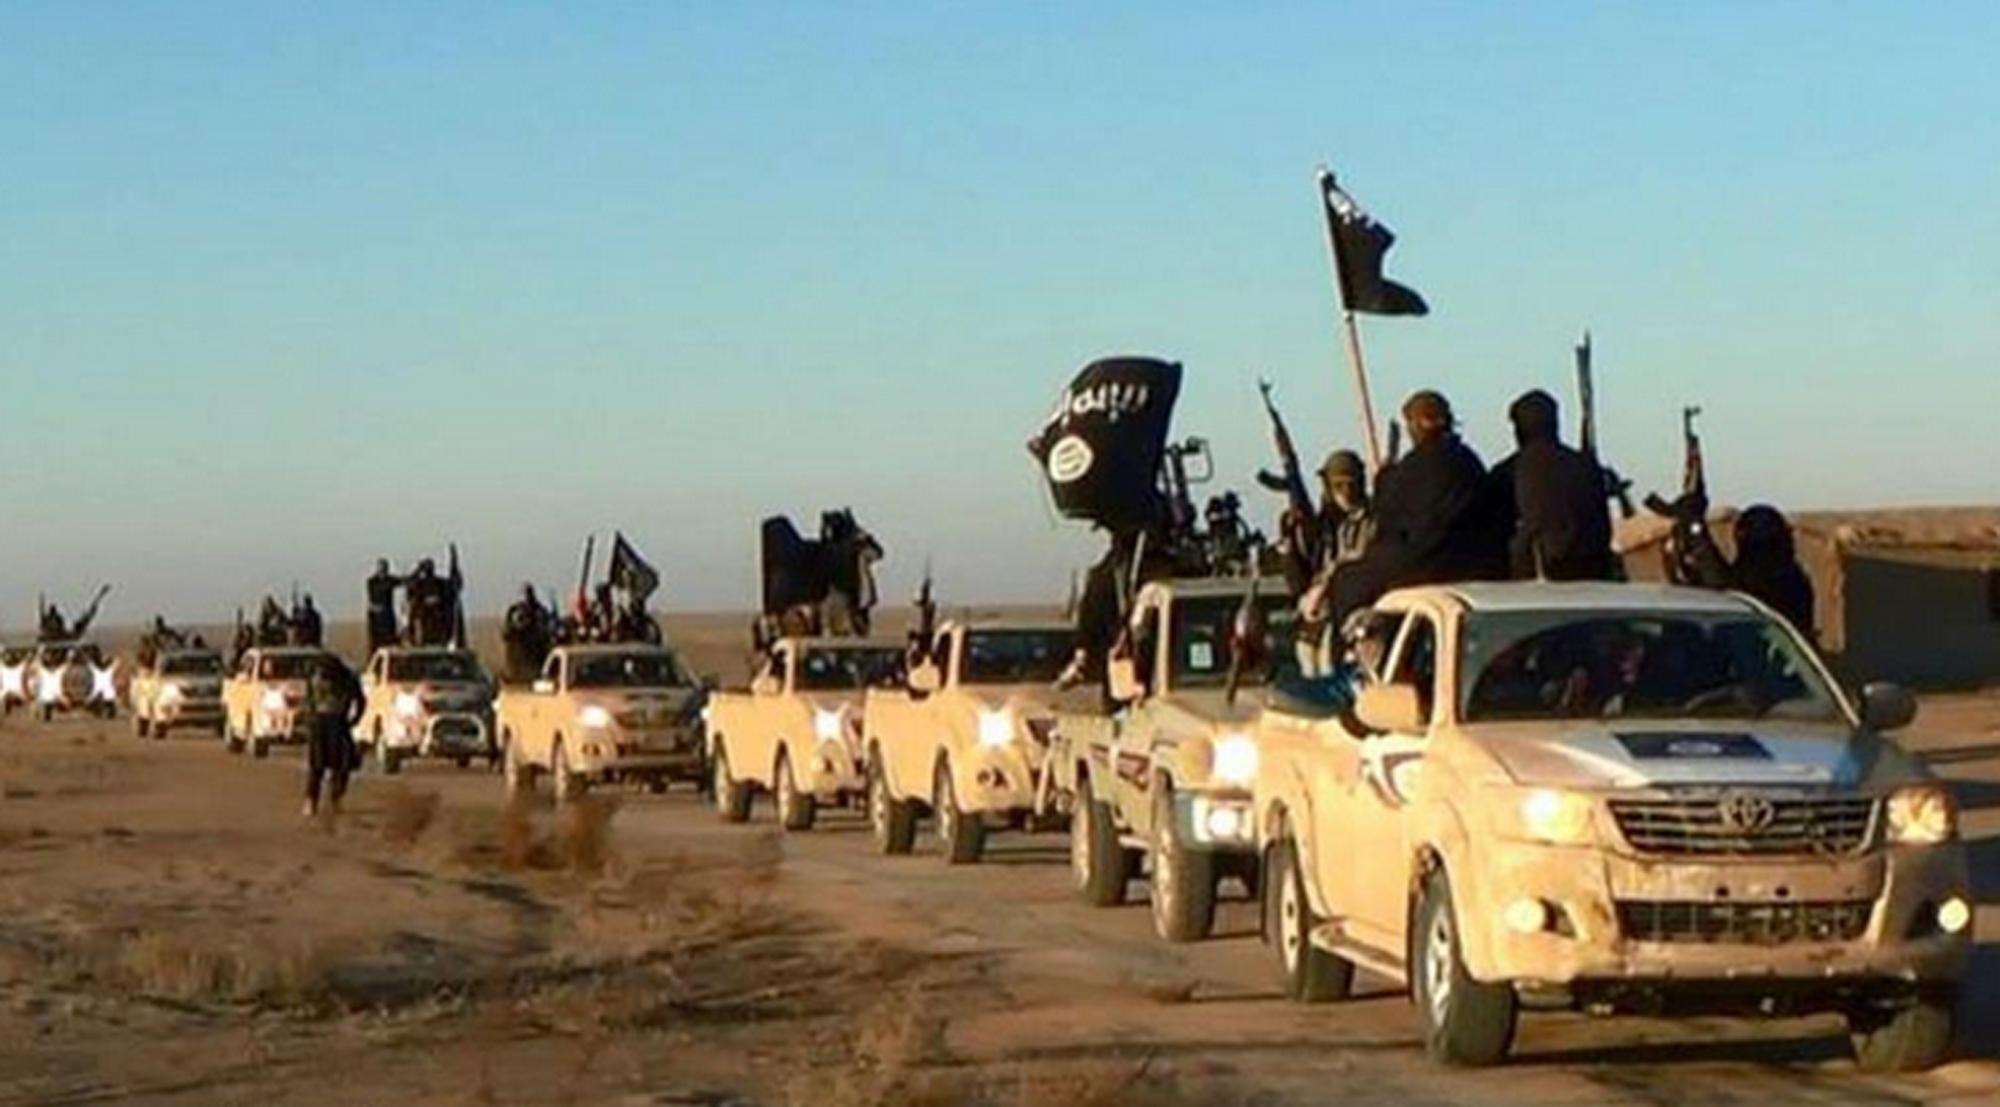 ВТурции арестован один изглаварей Исламского Государства